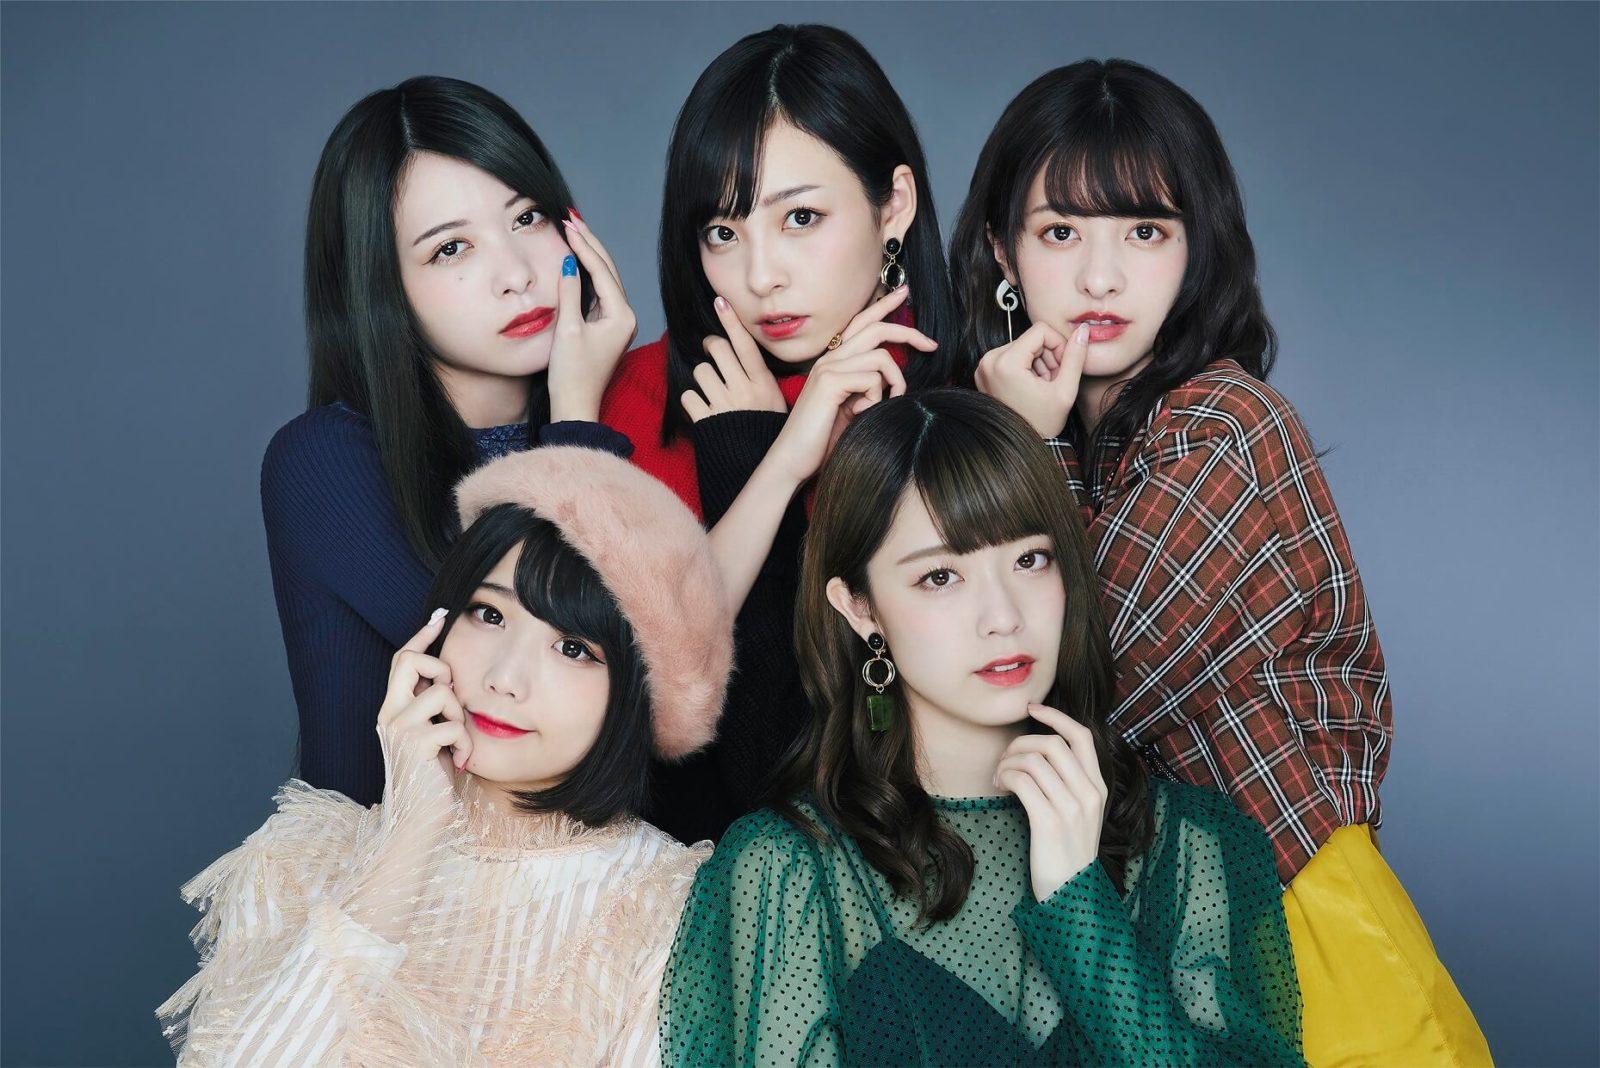 神宿、4月16日に新曲「在ルモノシラズ」をデジタルリリース、ティザー公開サムネイル画像